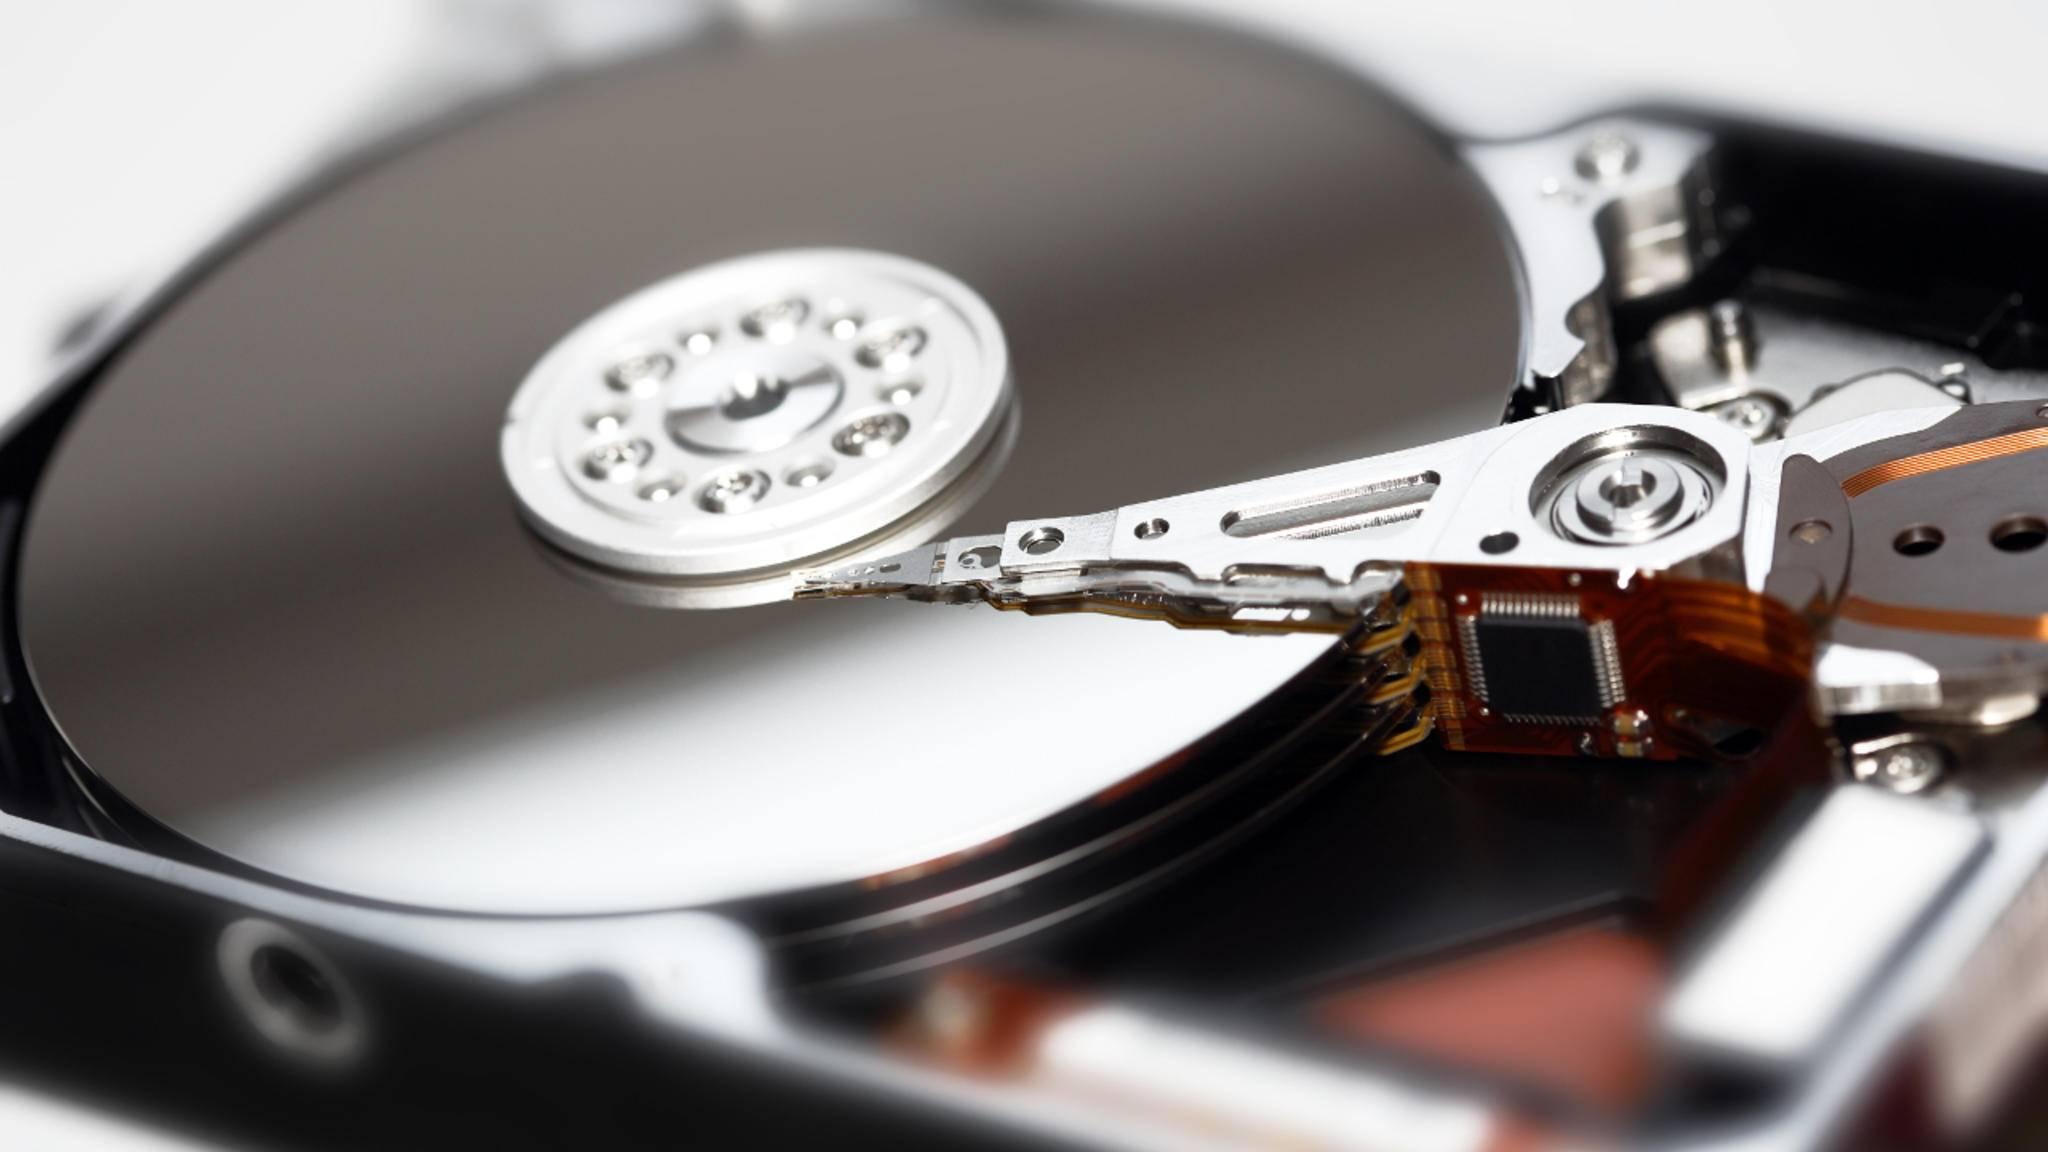 Was ist der Unterschied zwischen NTFS und FAT32? Wir klären auf.